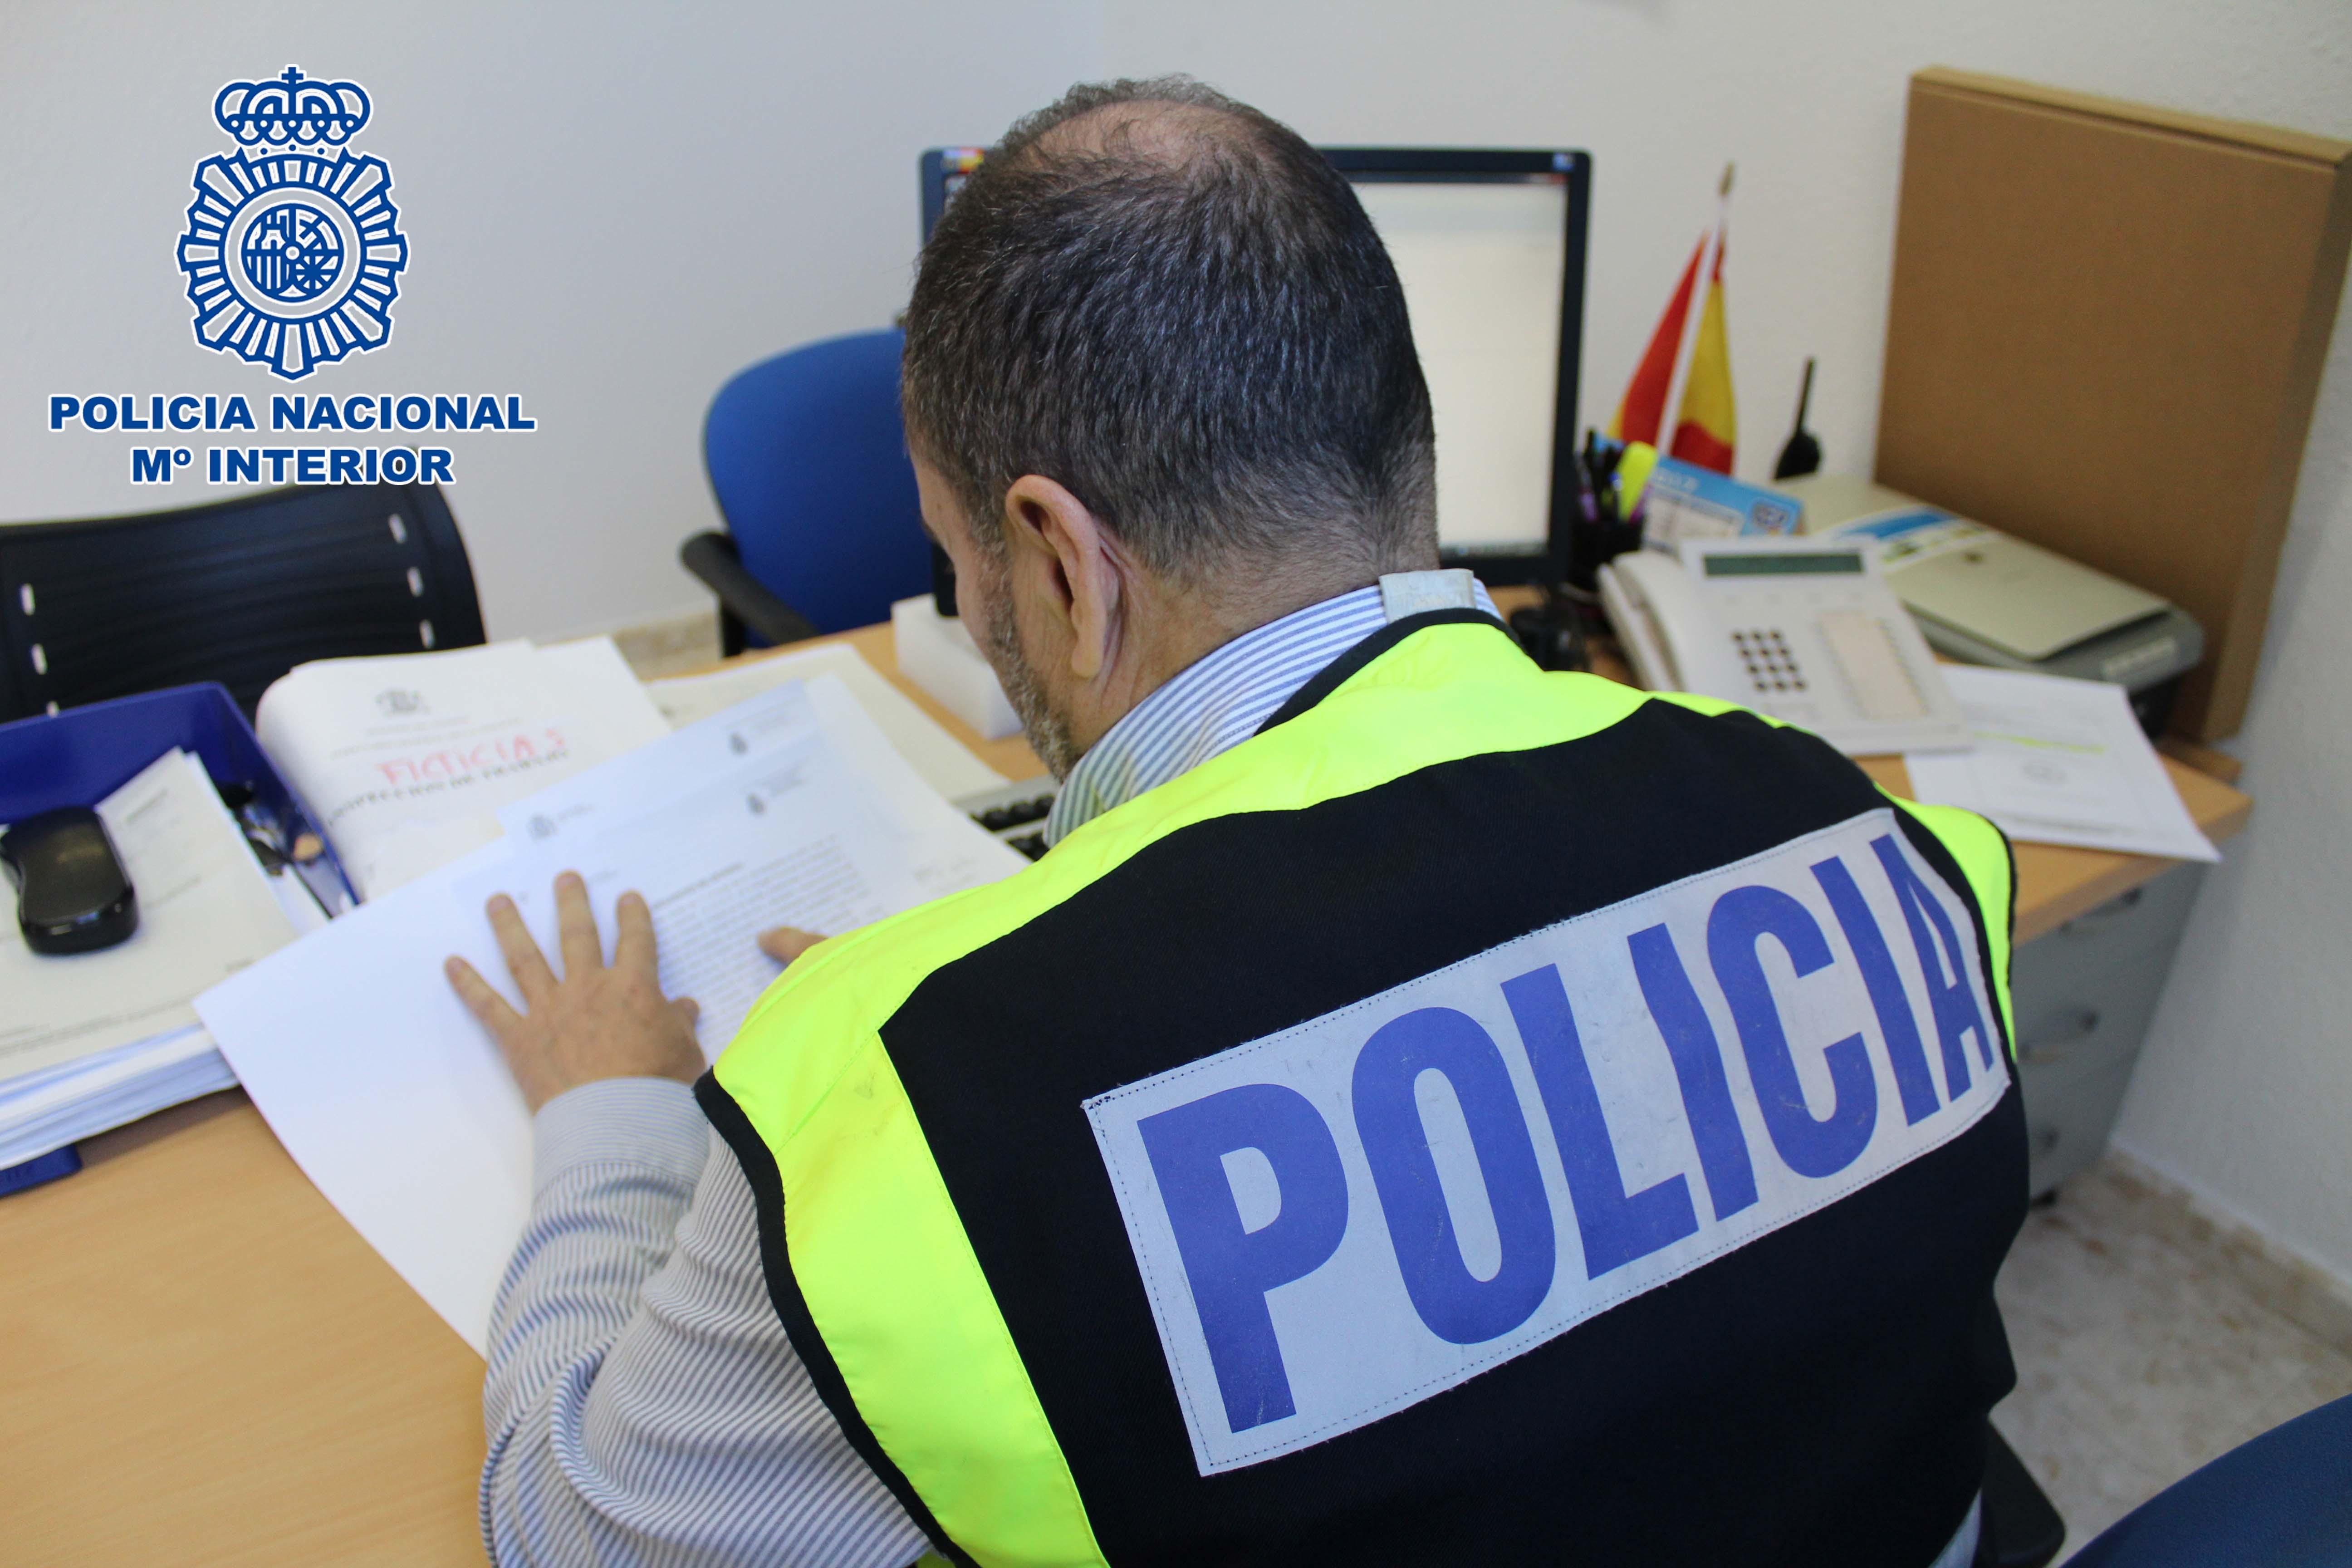 La Policía Nacional detiene a un individuo por la sustracción de un teléfono móvil del interior de la taquilla de un gimnasio